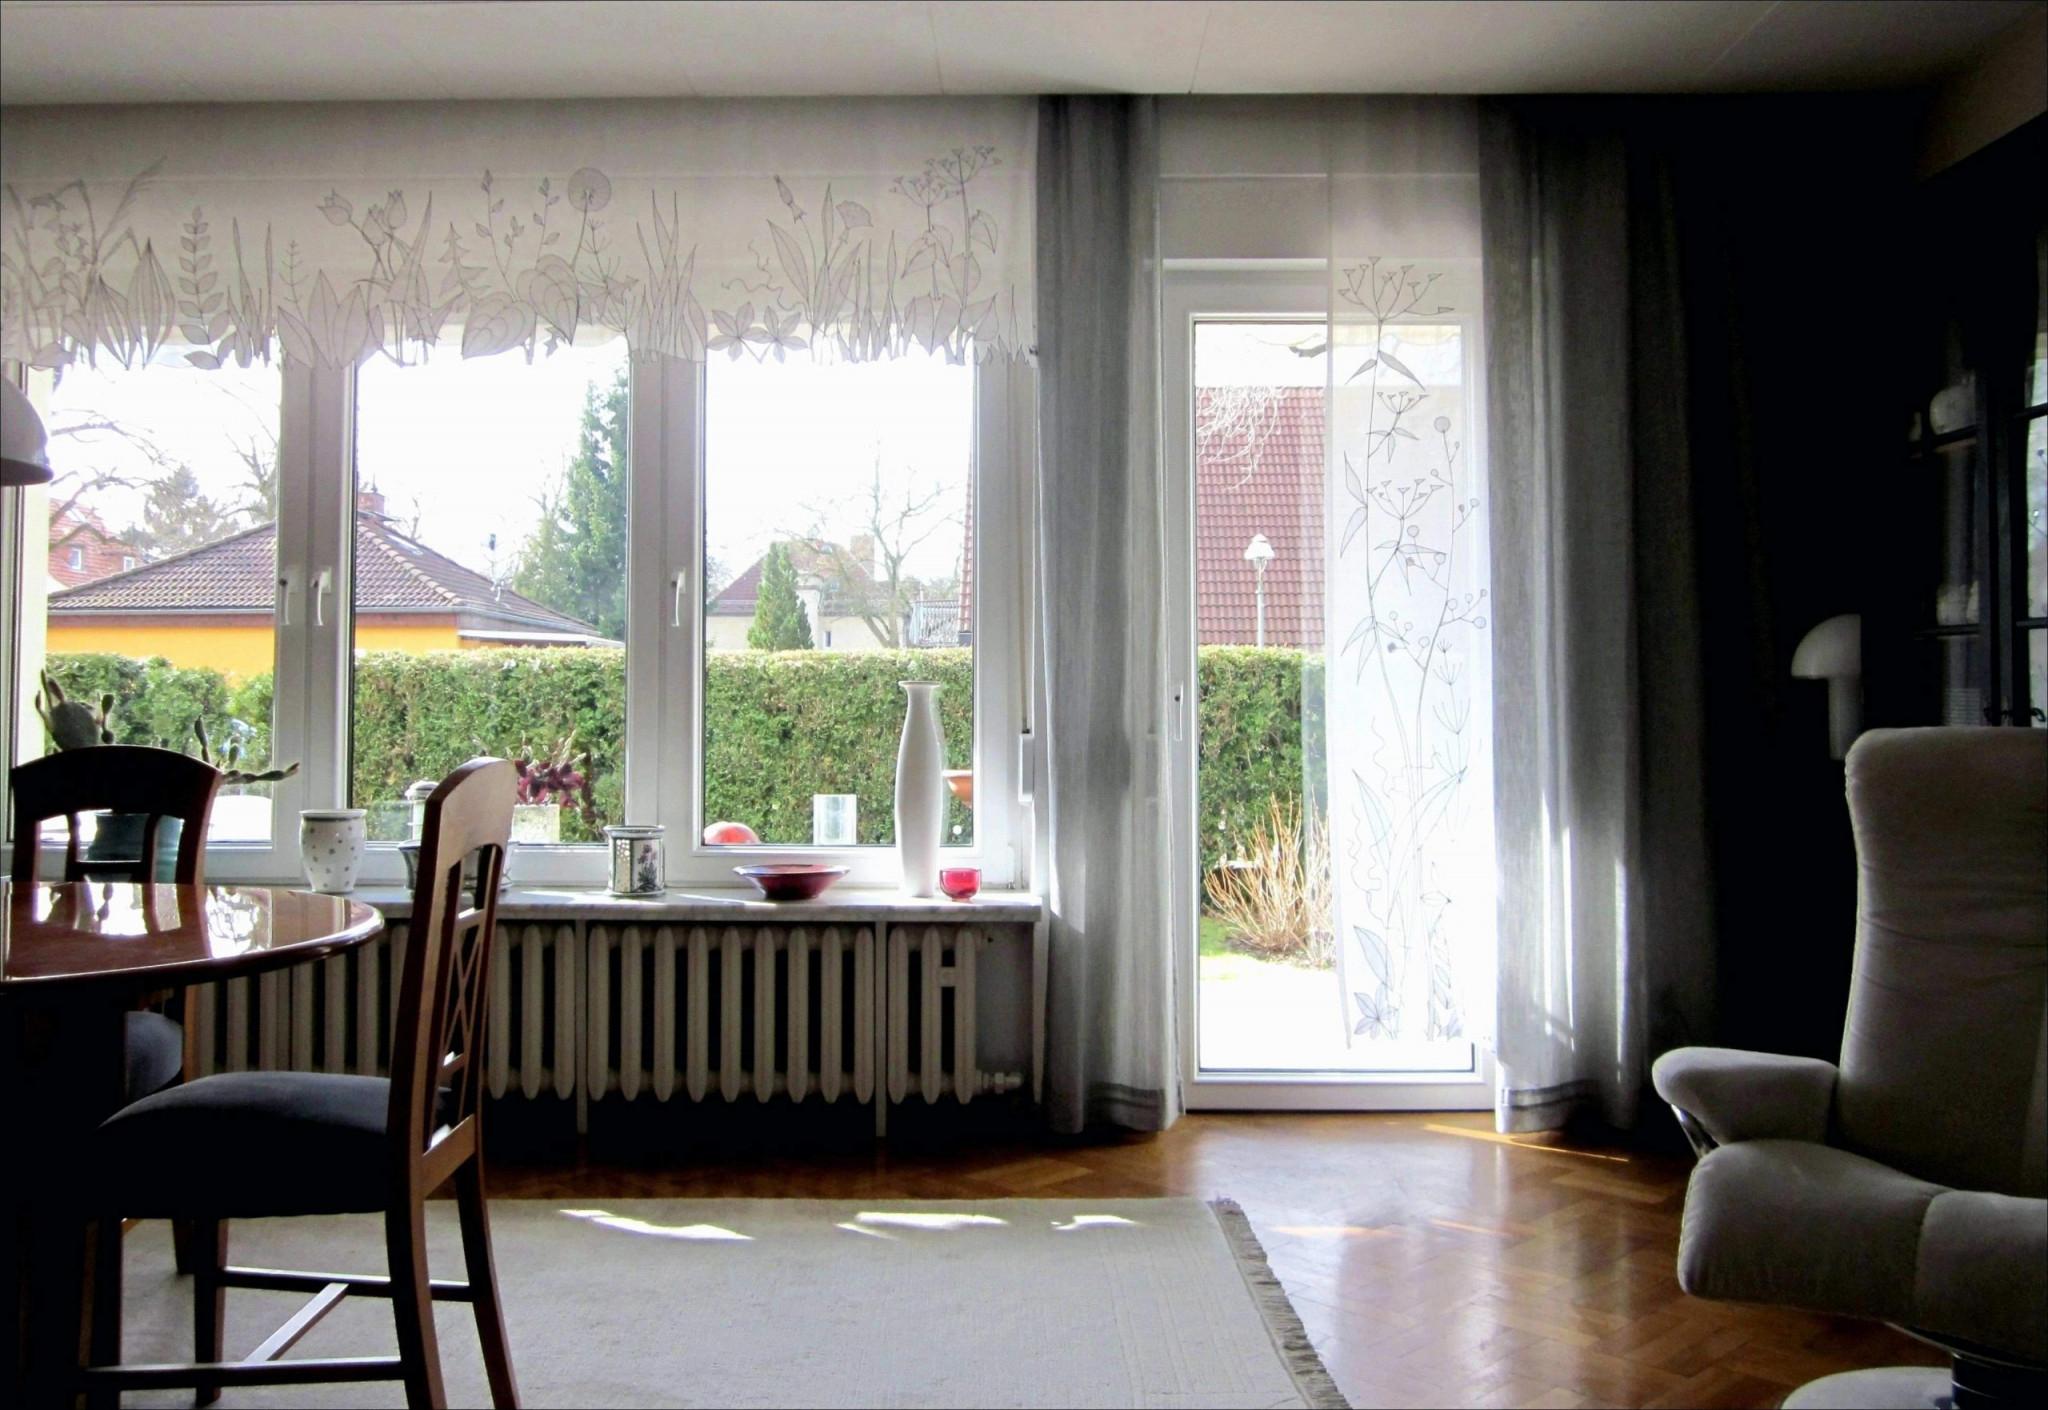 Fenster Gardinen Wohnzimmer Das Beste Von 59 Elegant Fenster von Gardinen Für Wohnzimmer Große Fenster Bild